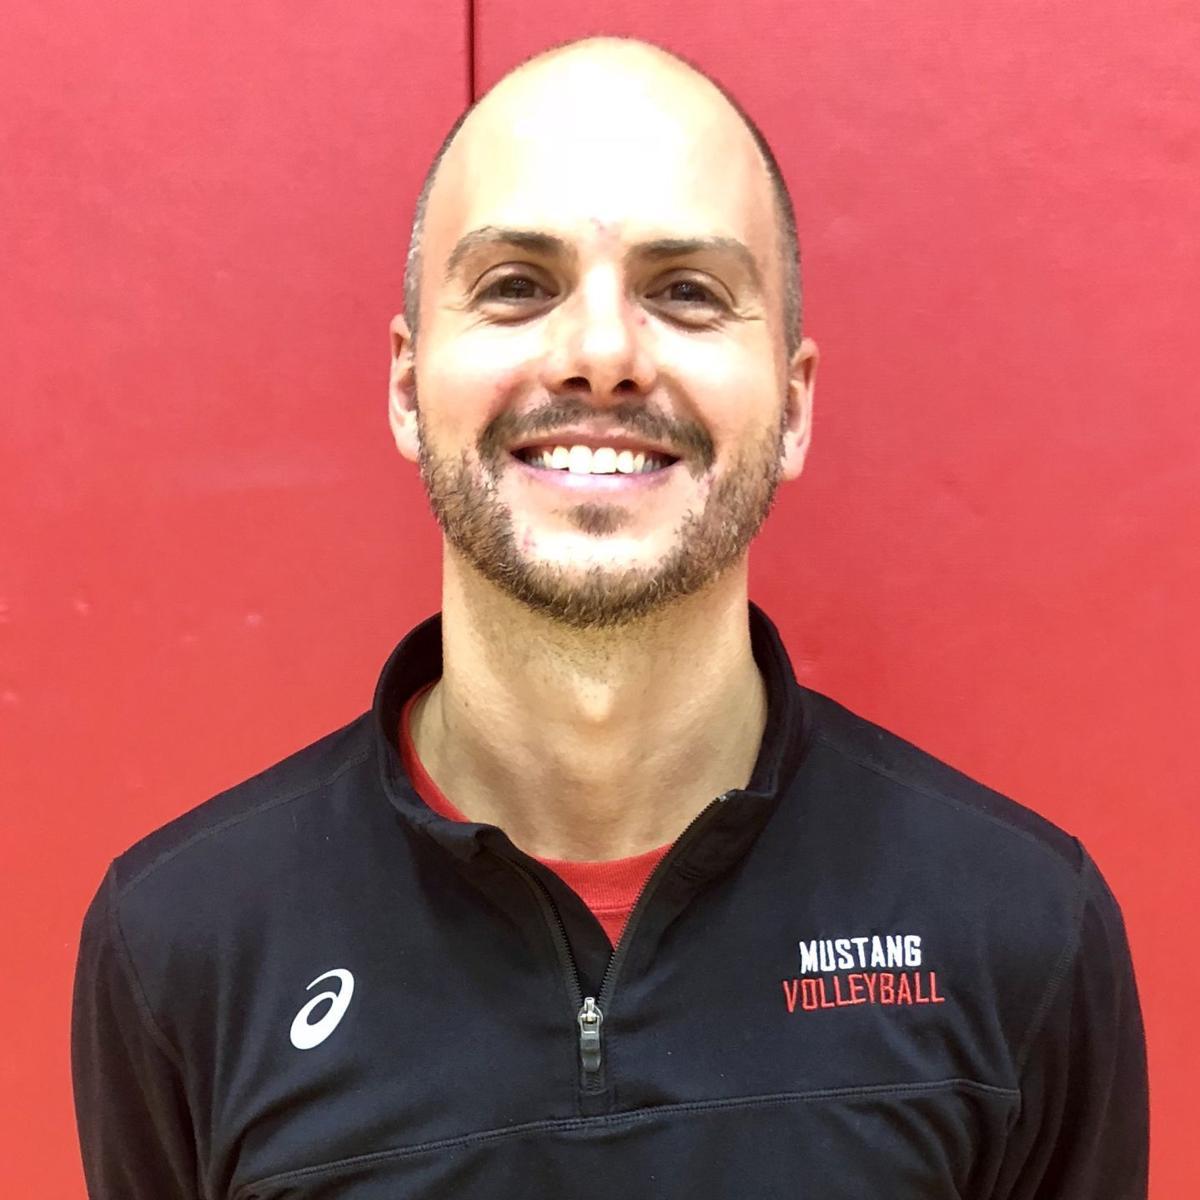 Munster volleyball coach Brett Boden